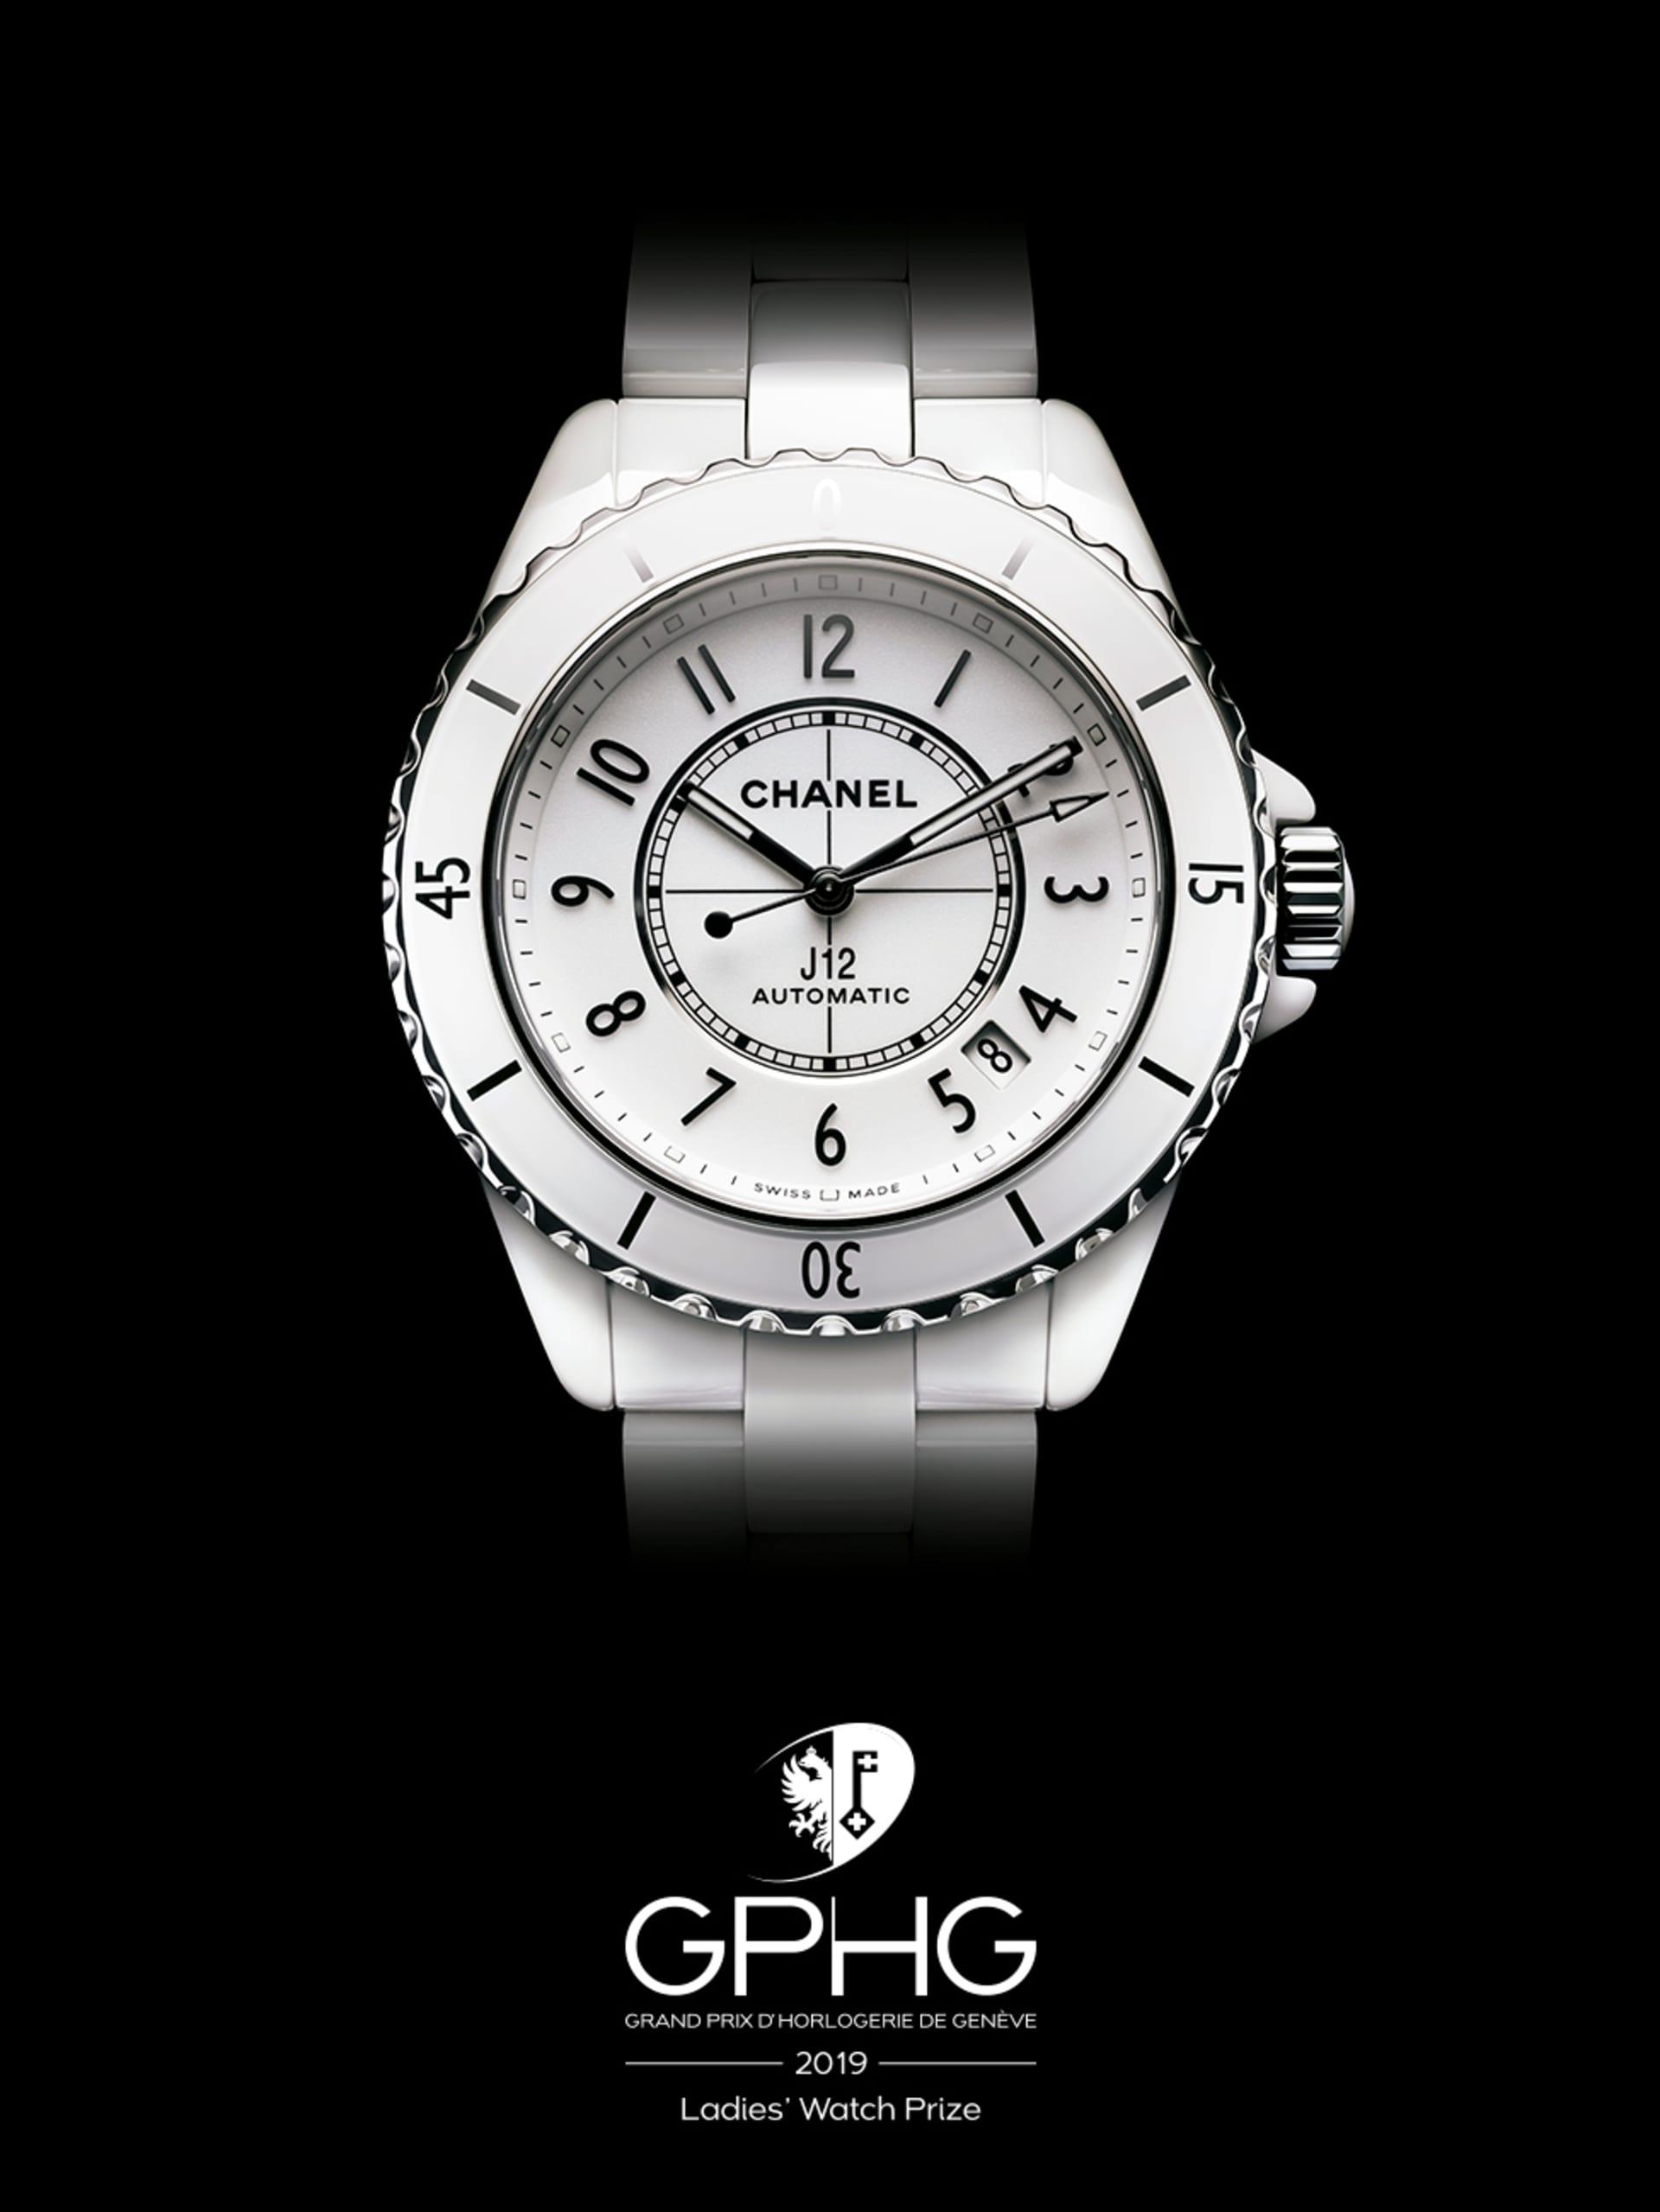 Chanel часы стоимость j12 час 2015 населения квт для стоимость